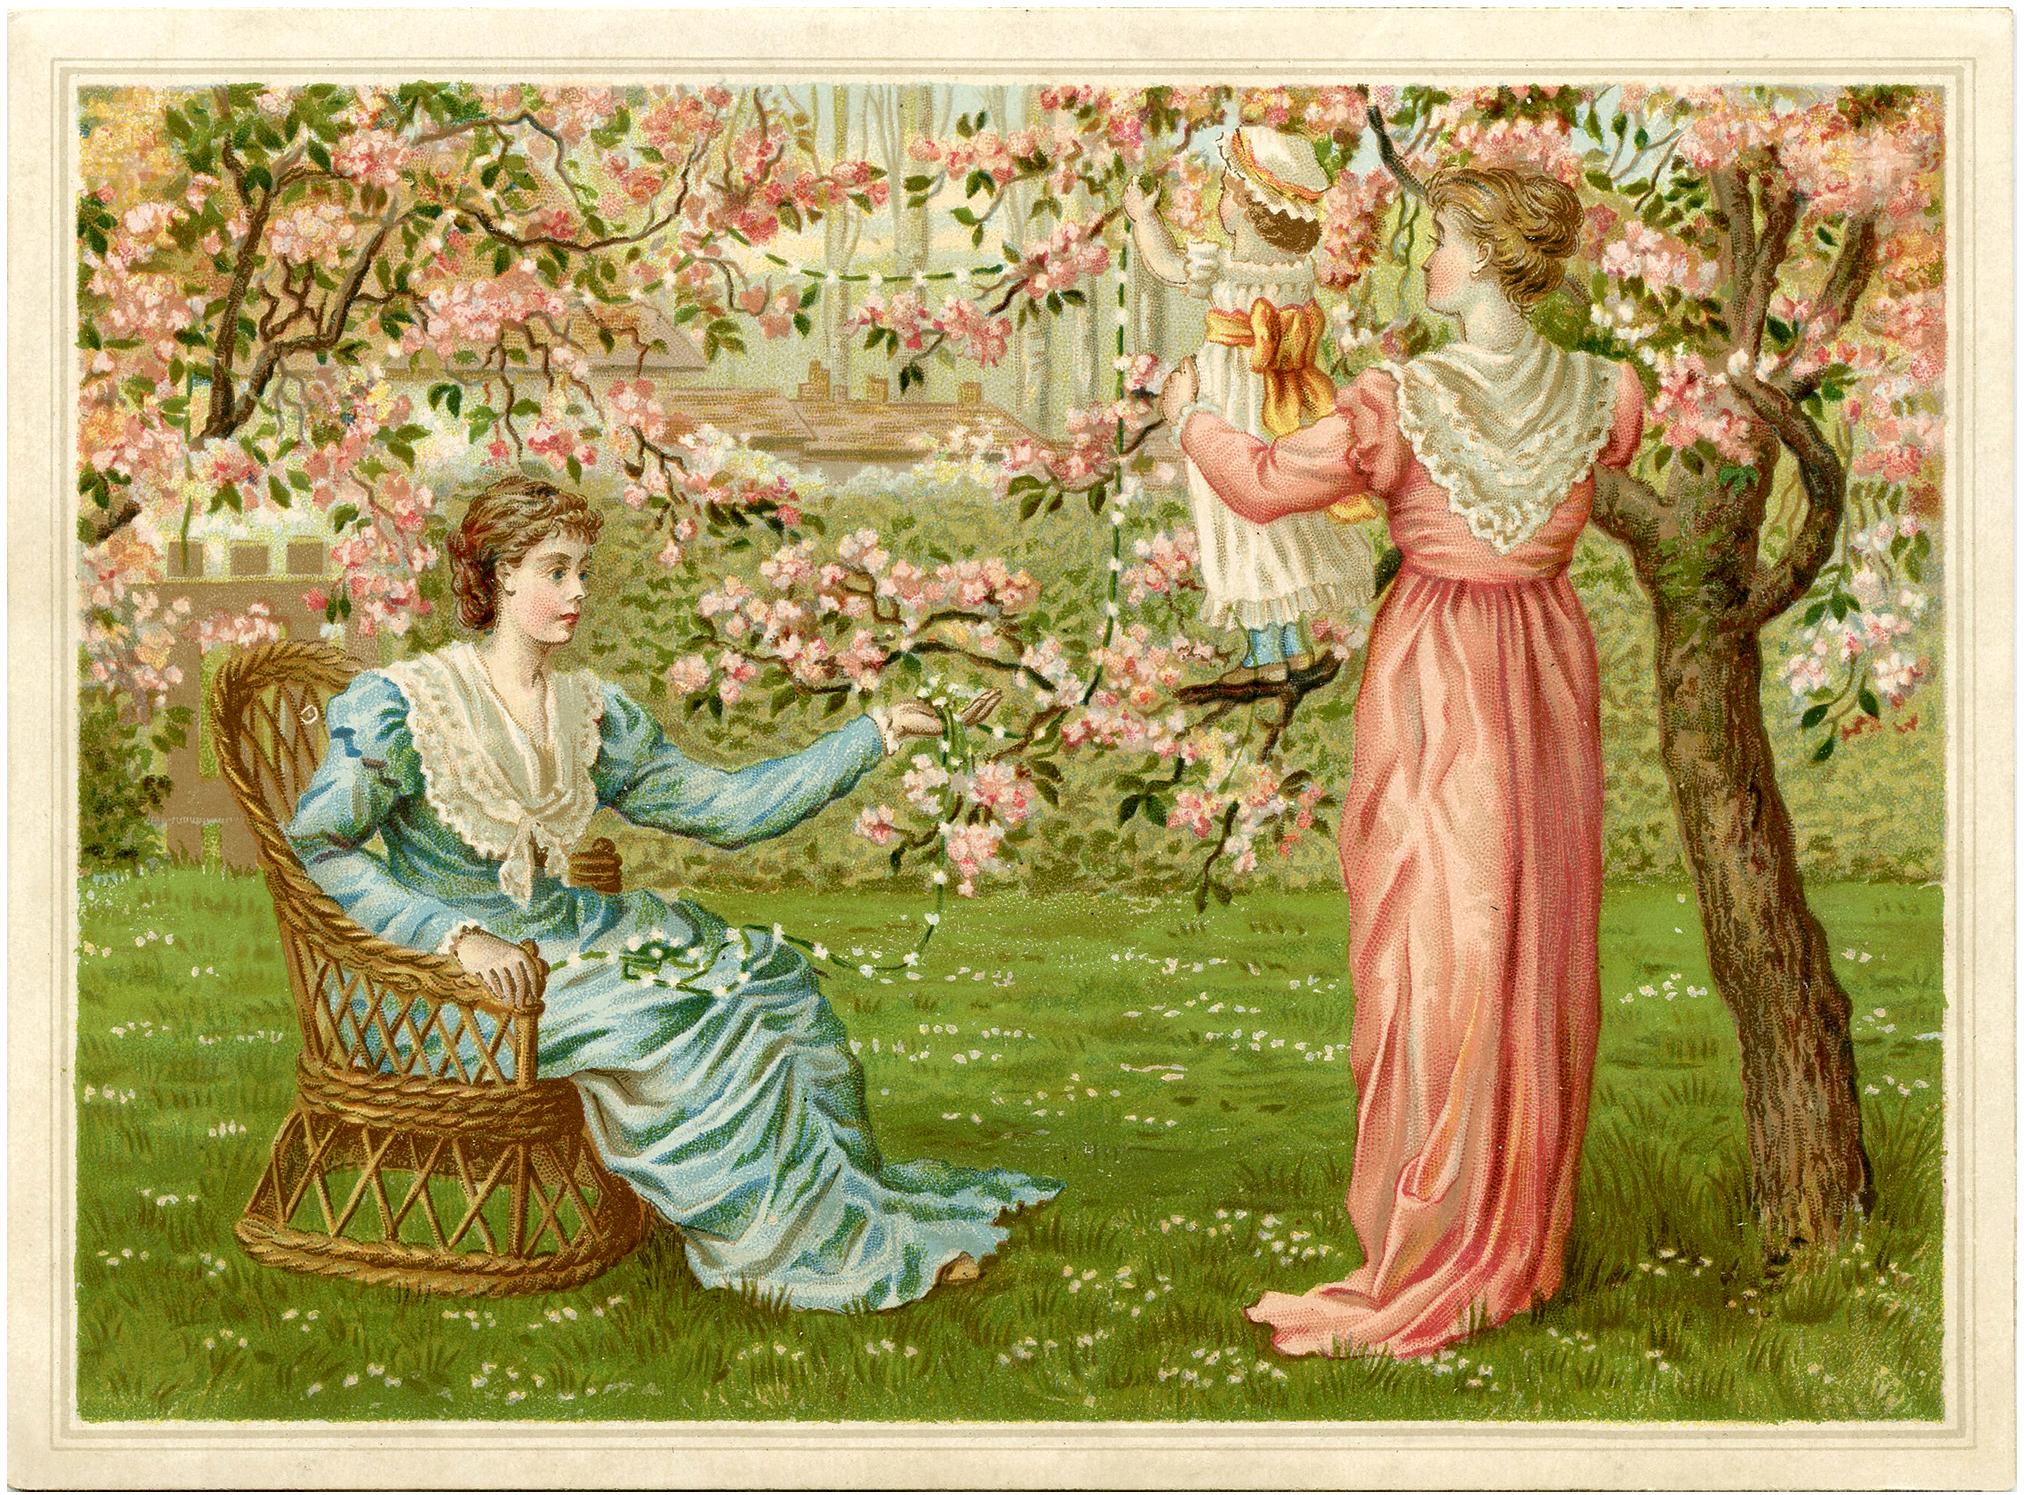 Девушки в цветущем саду - винтажная (старая) открытка